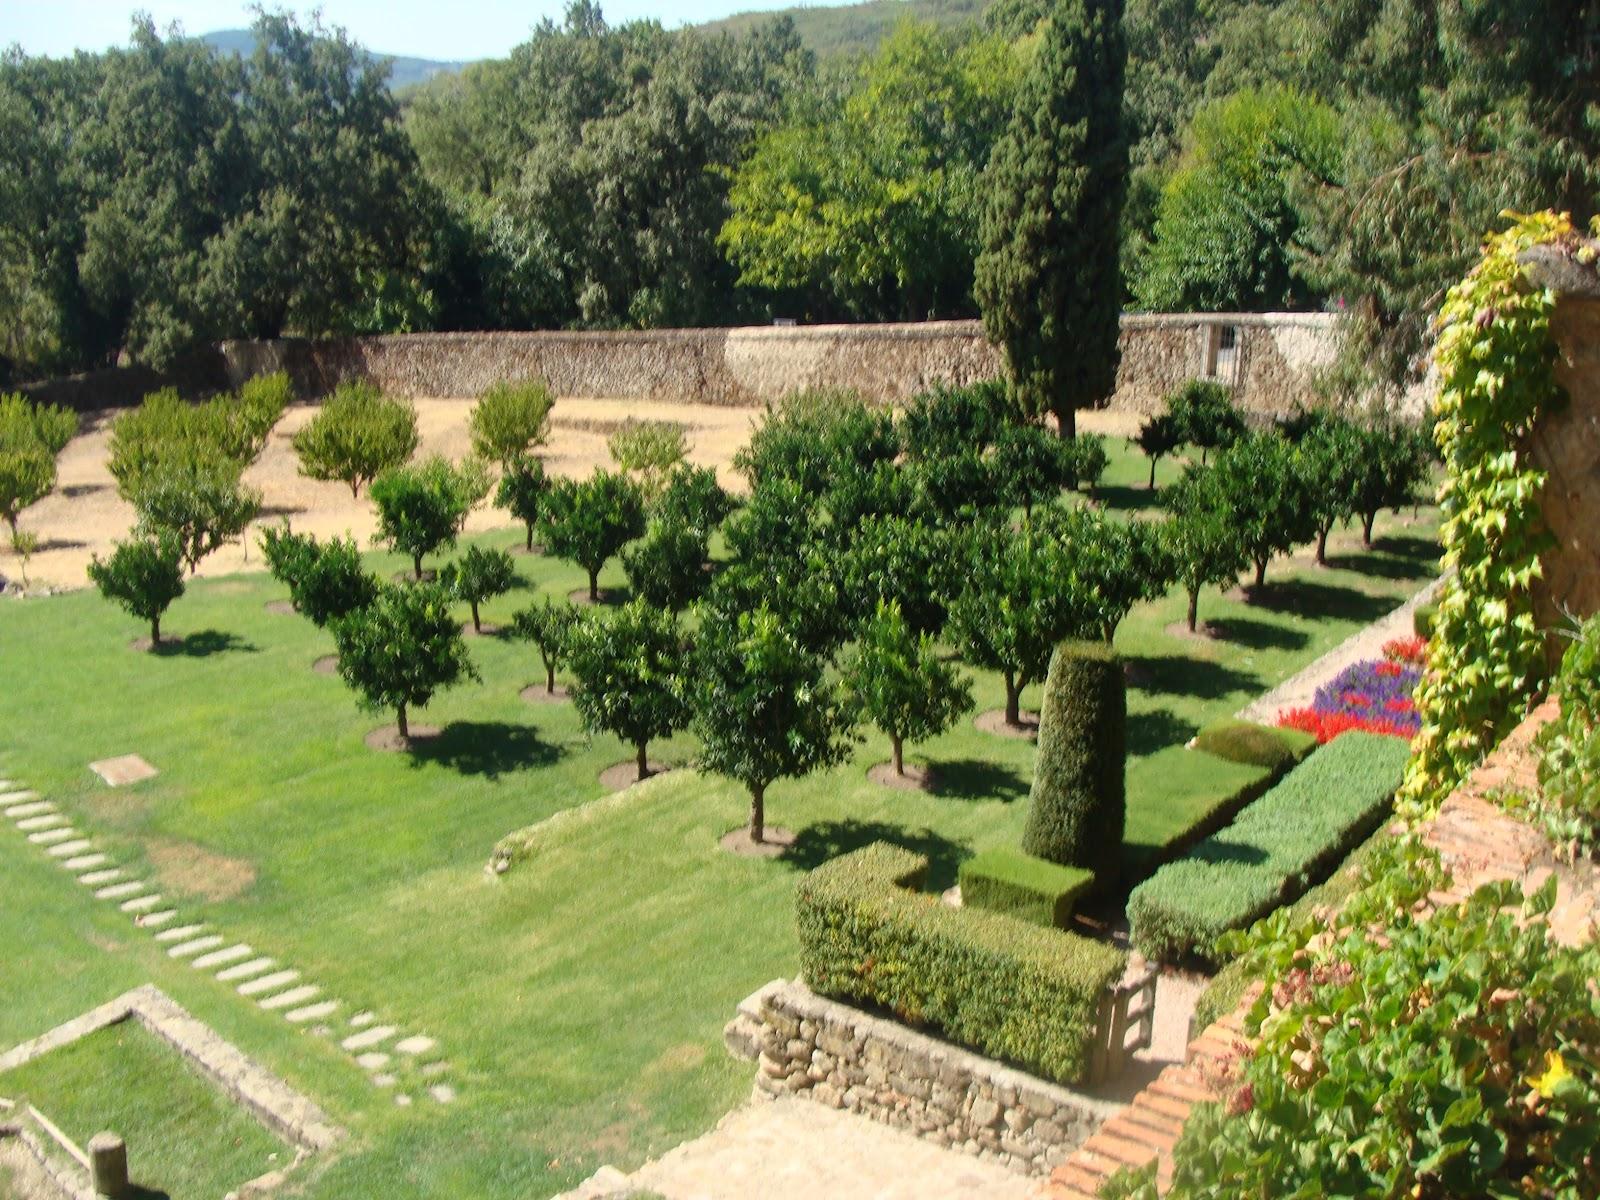 El rincon de un jardin jard n privado carlos v monasterio for Arboles ornamentales jardin